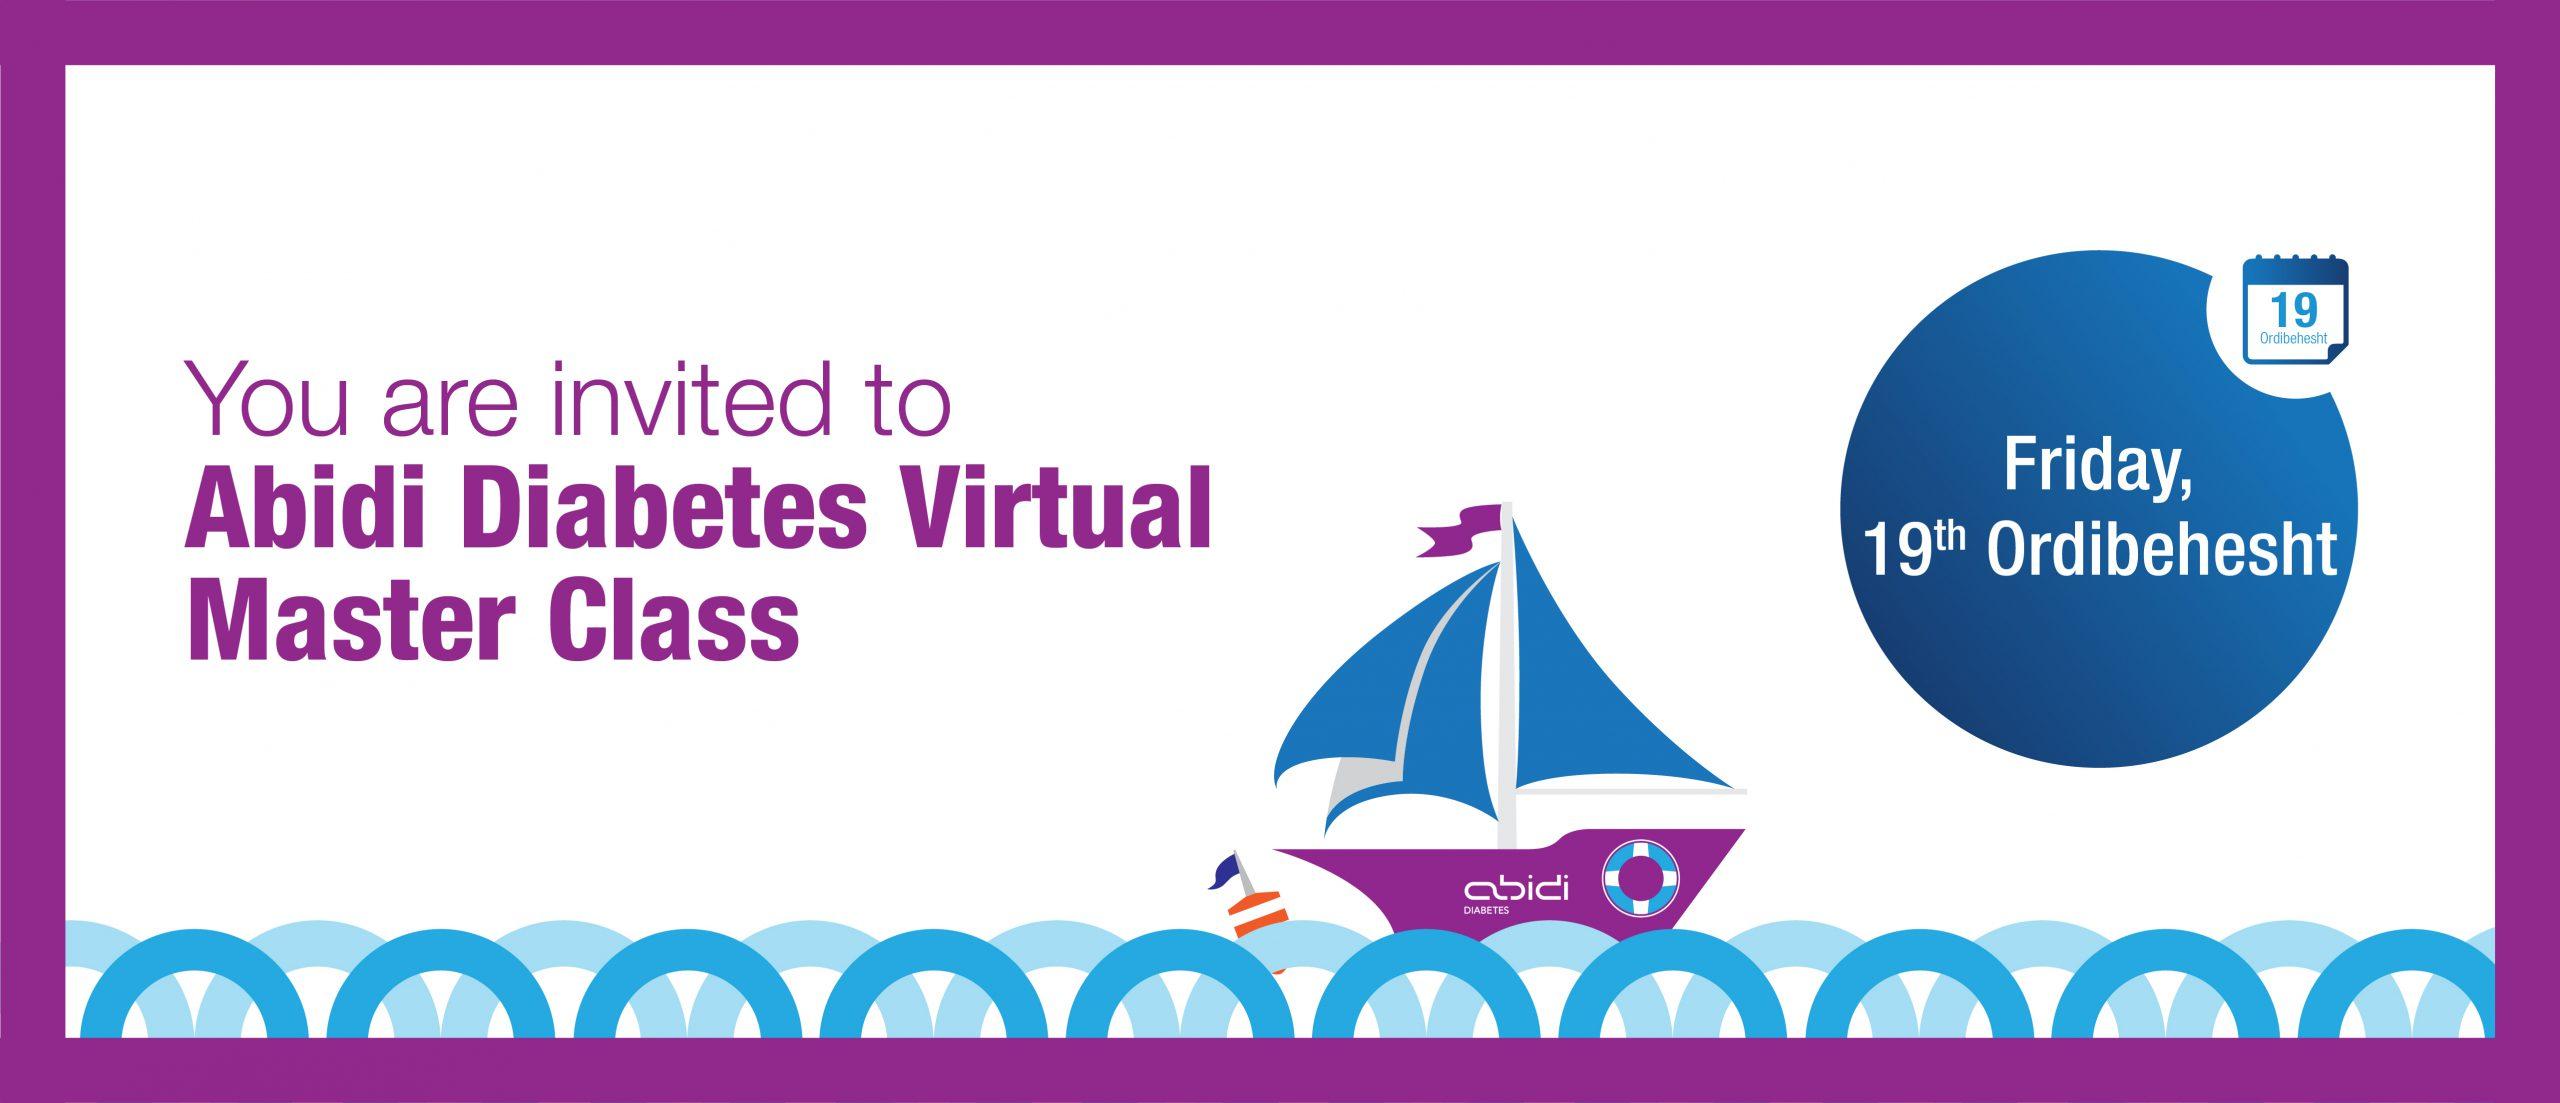 Abidi Diabetes Virtual Master Class